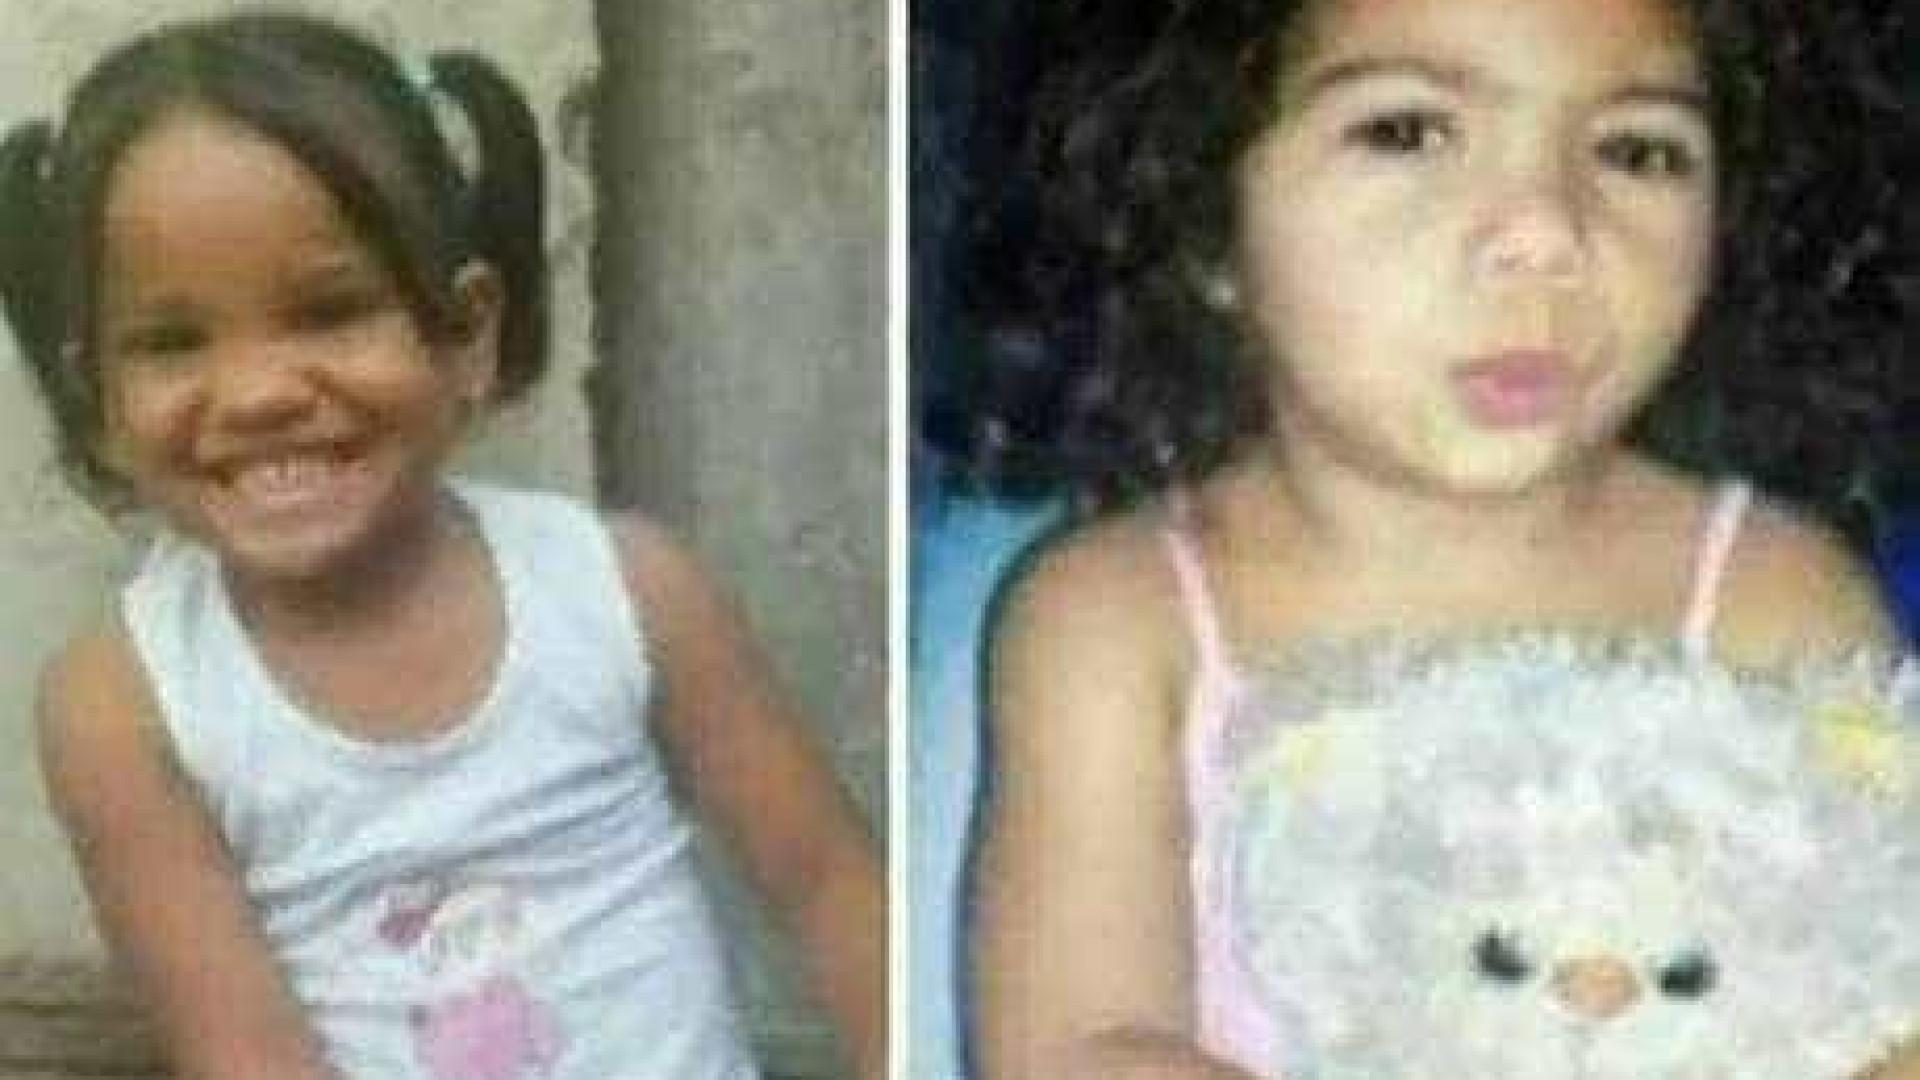 Presos suspeitos pela morte de meninas de 3 anos; sepultamento foi hoje